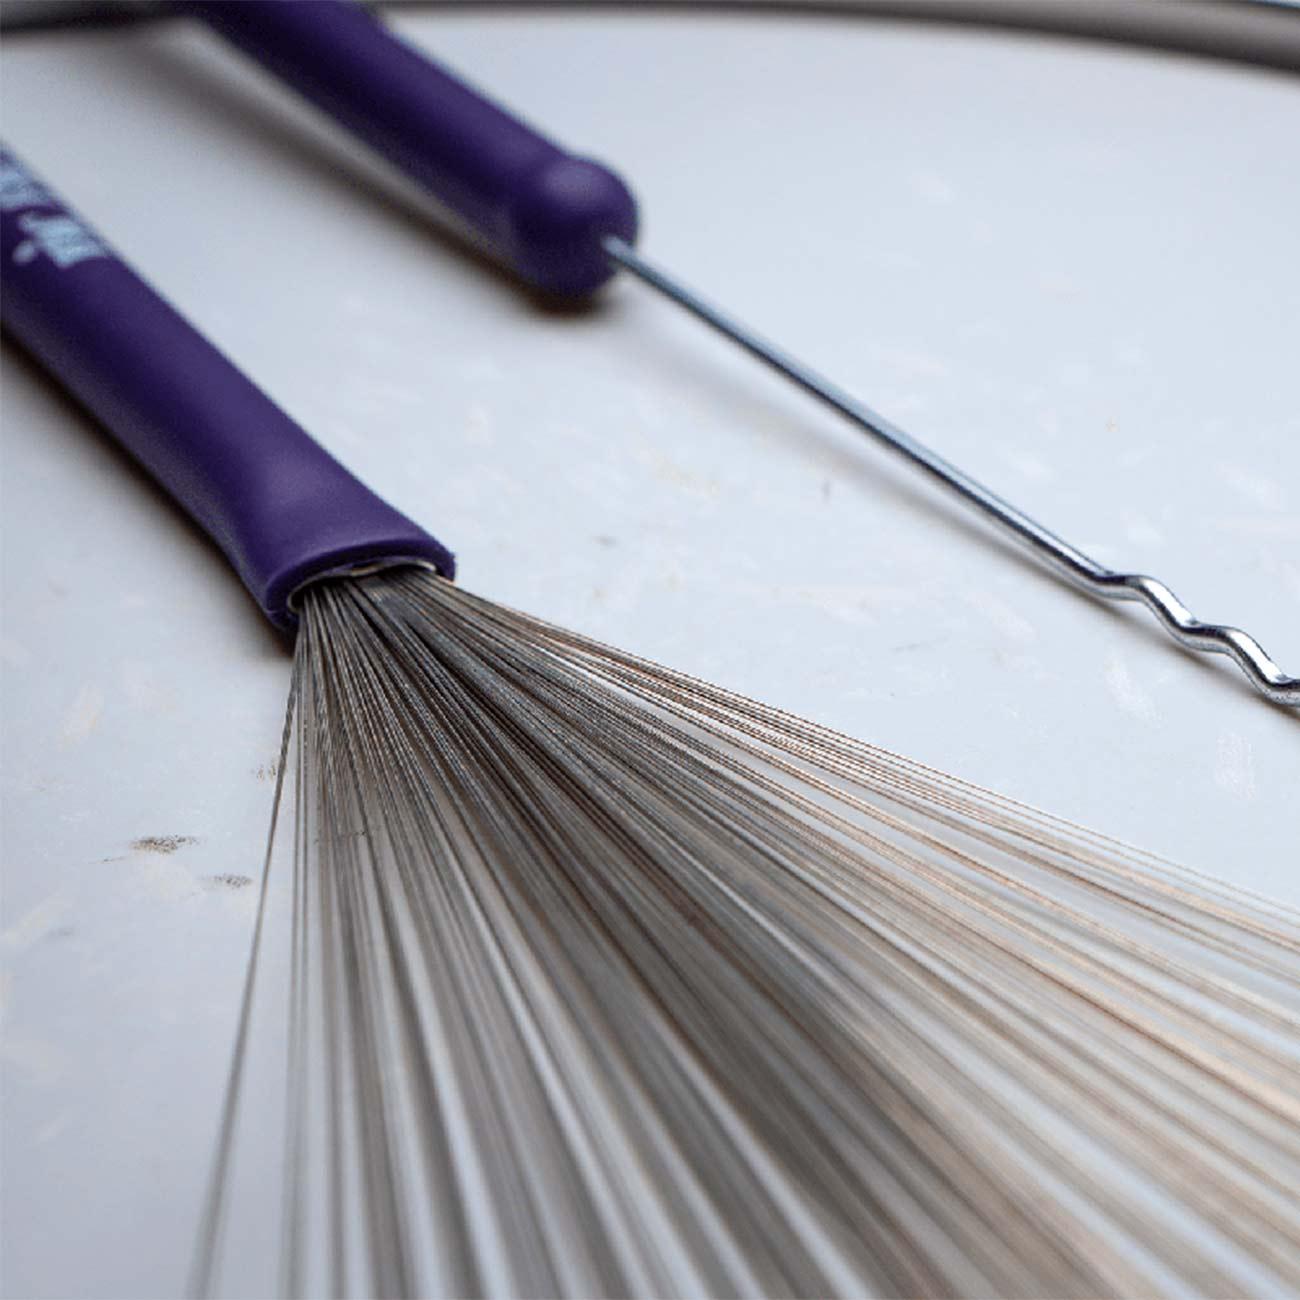 Vassourinha Heritage Brush Aço Retrátil Vic Firth